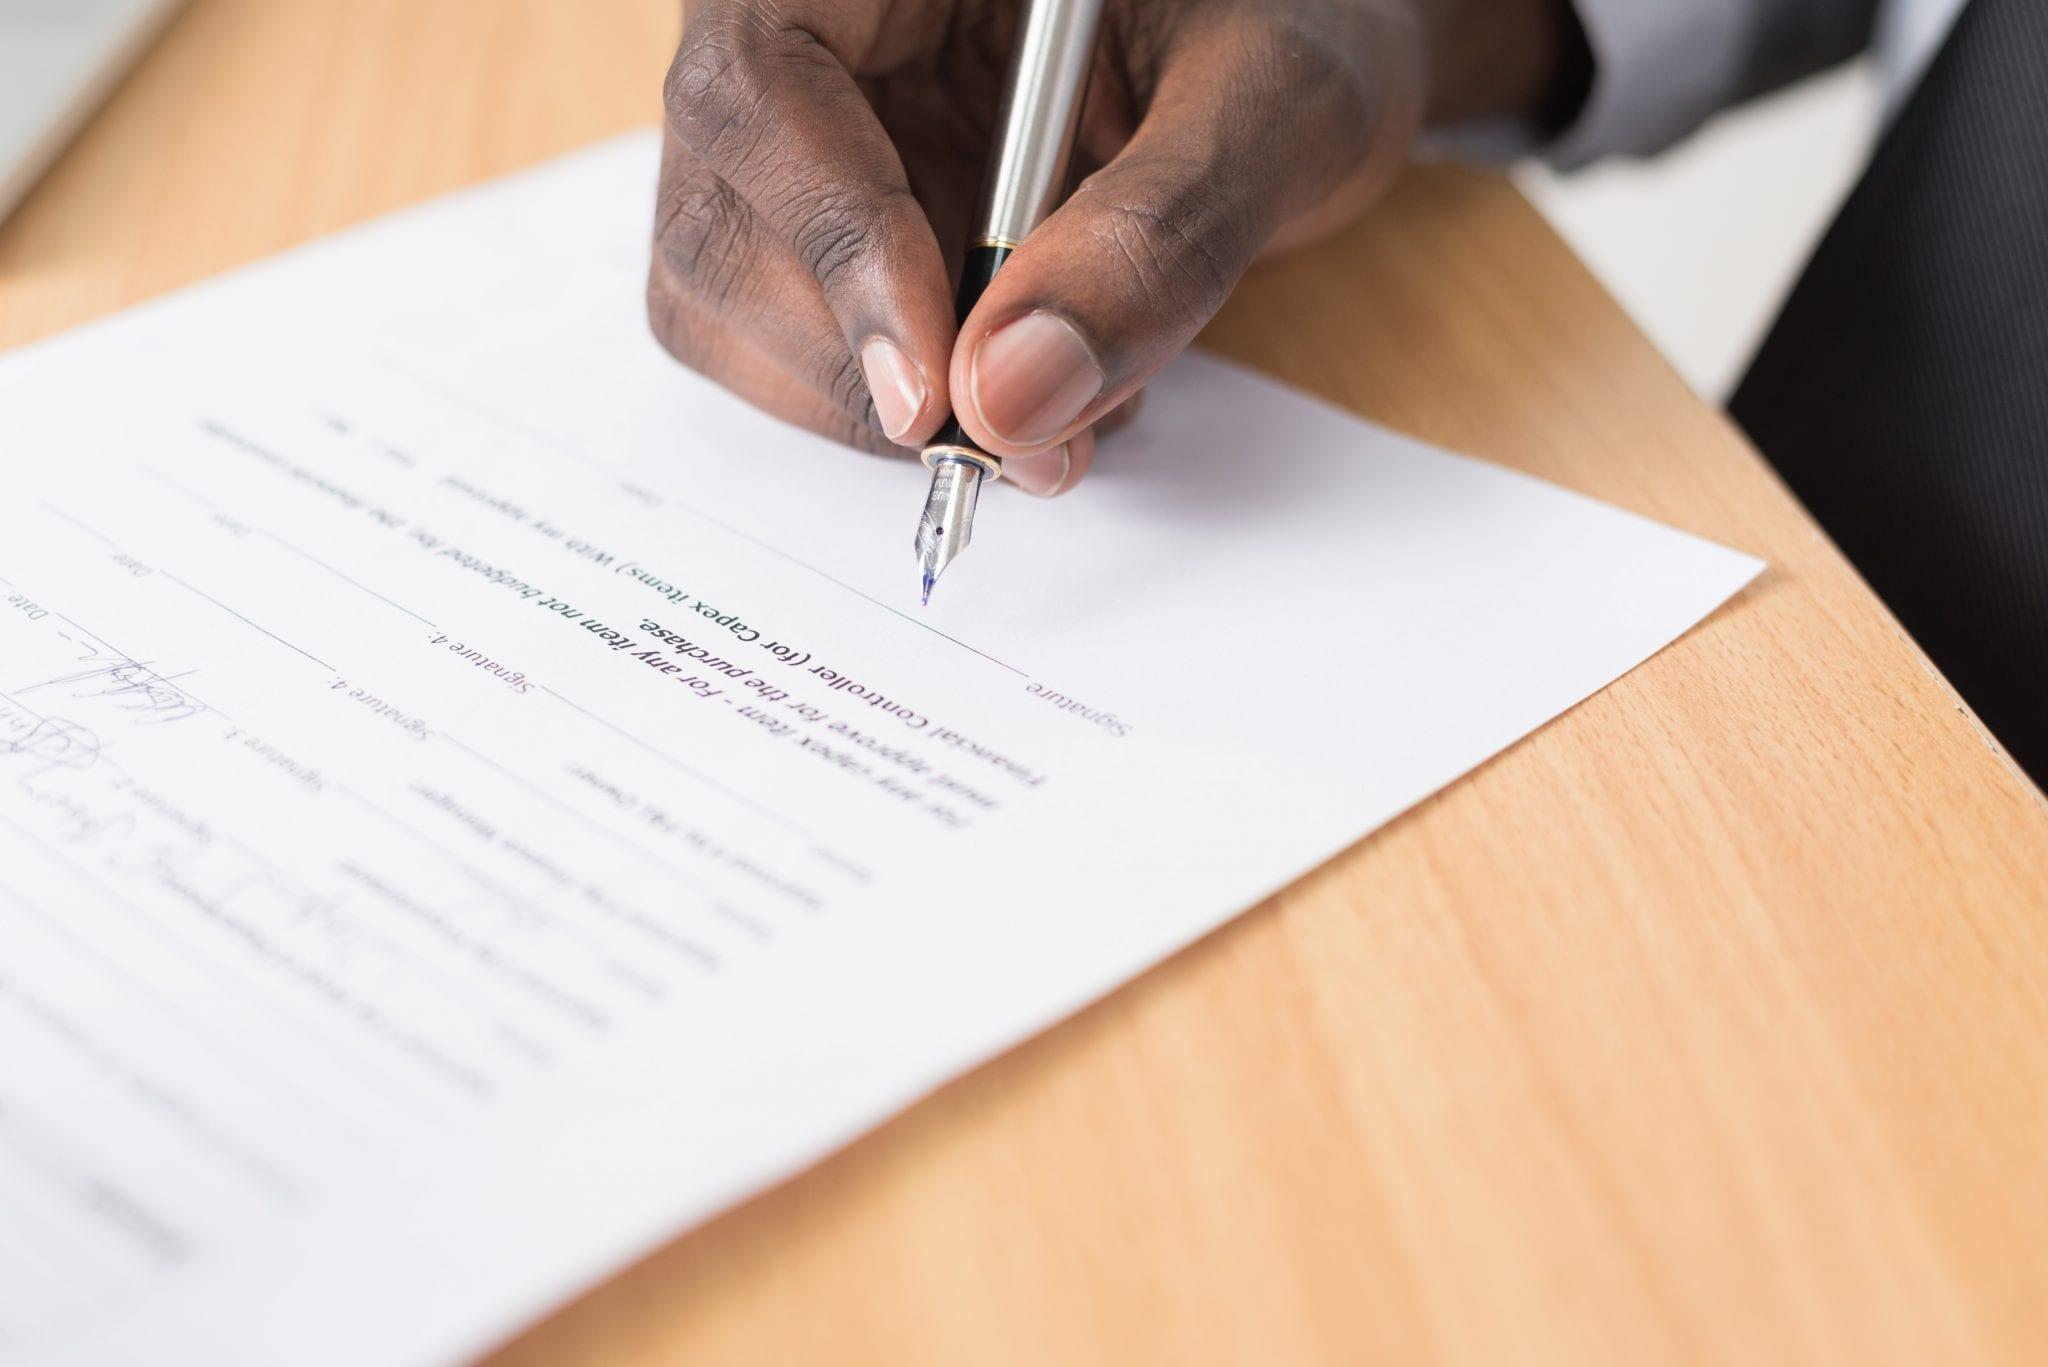 Qu'est-ce qu'un mandat de vente immobilière ?